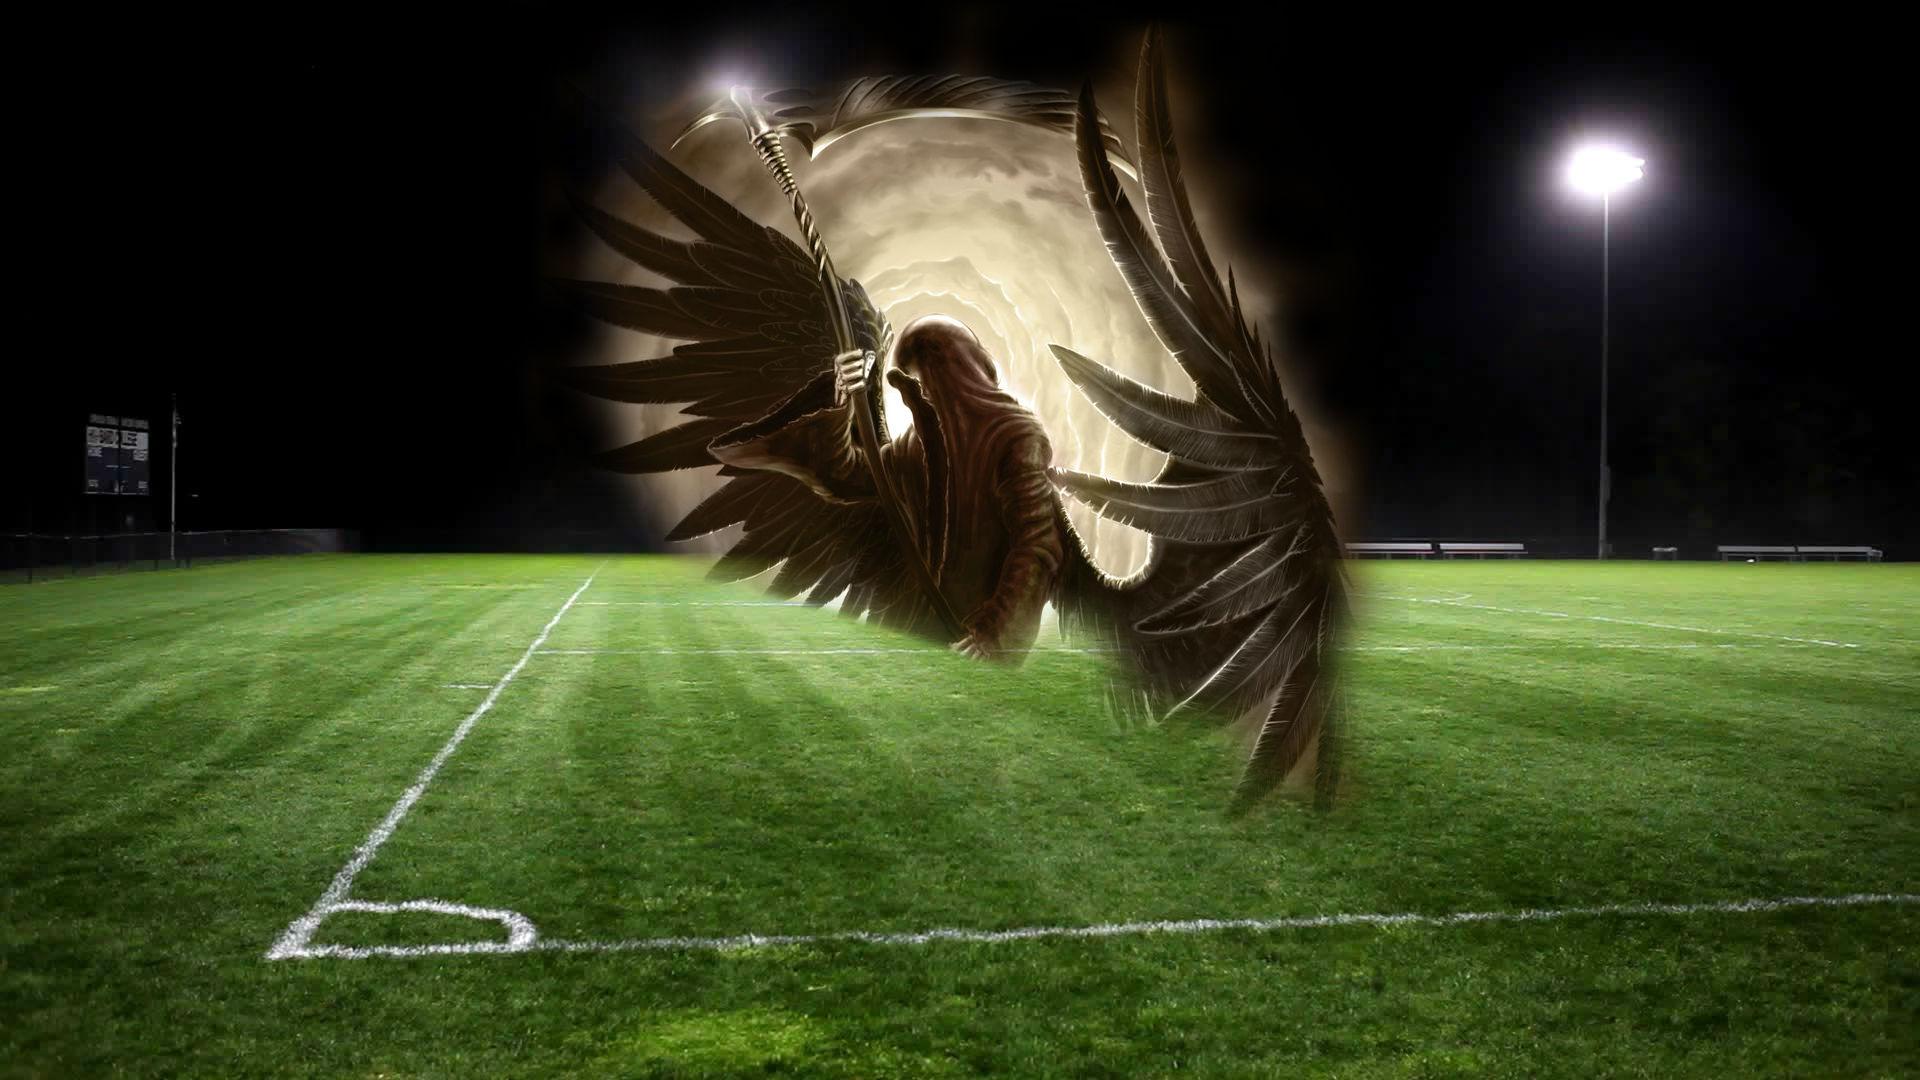 Смерть на футбольном поле